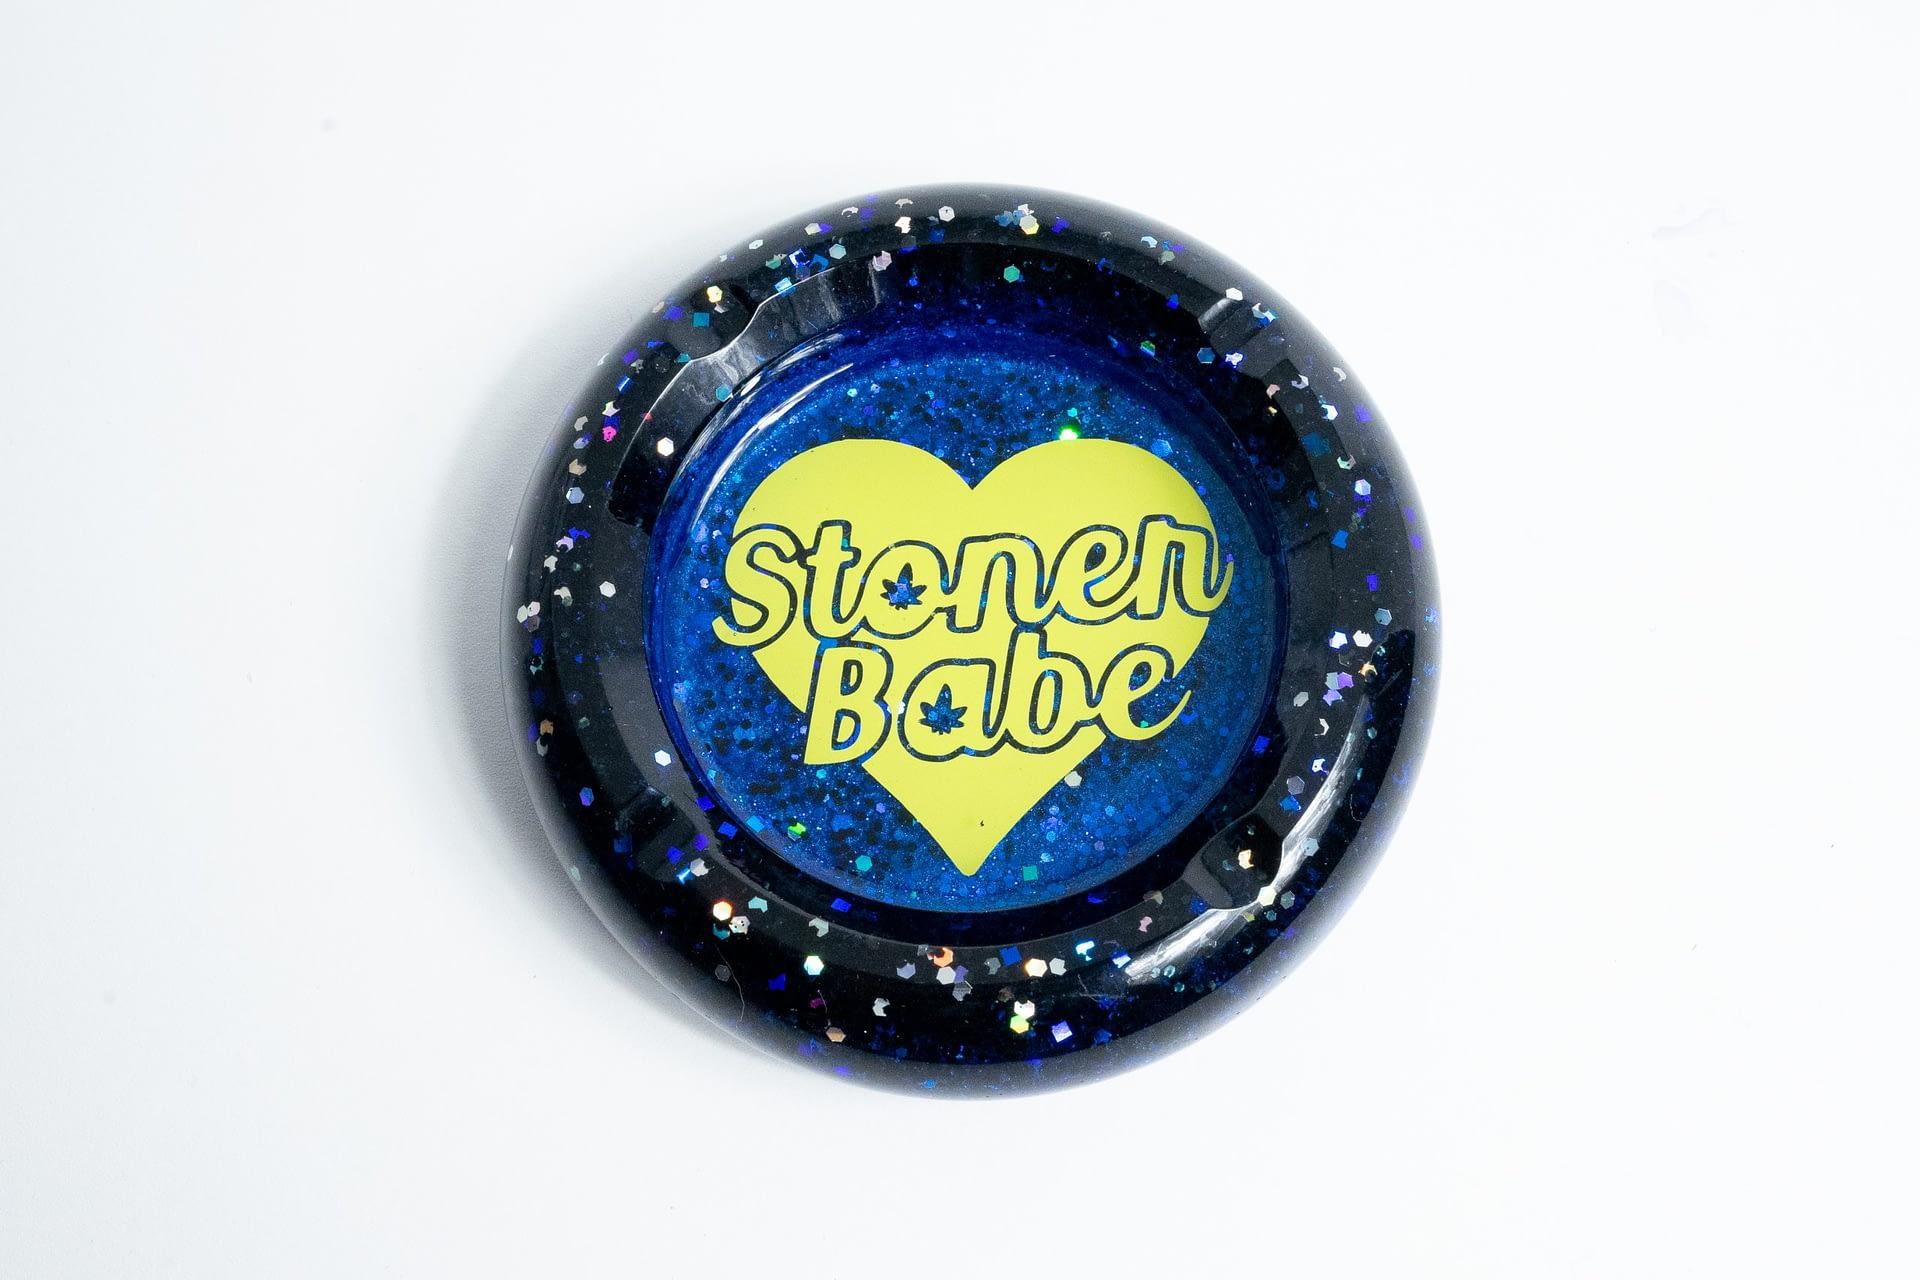 Stoner Babe Ashtray – Black & Blue